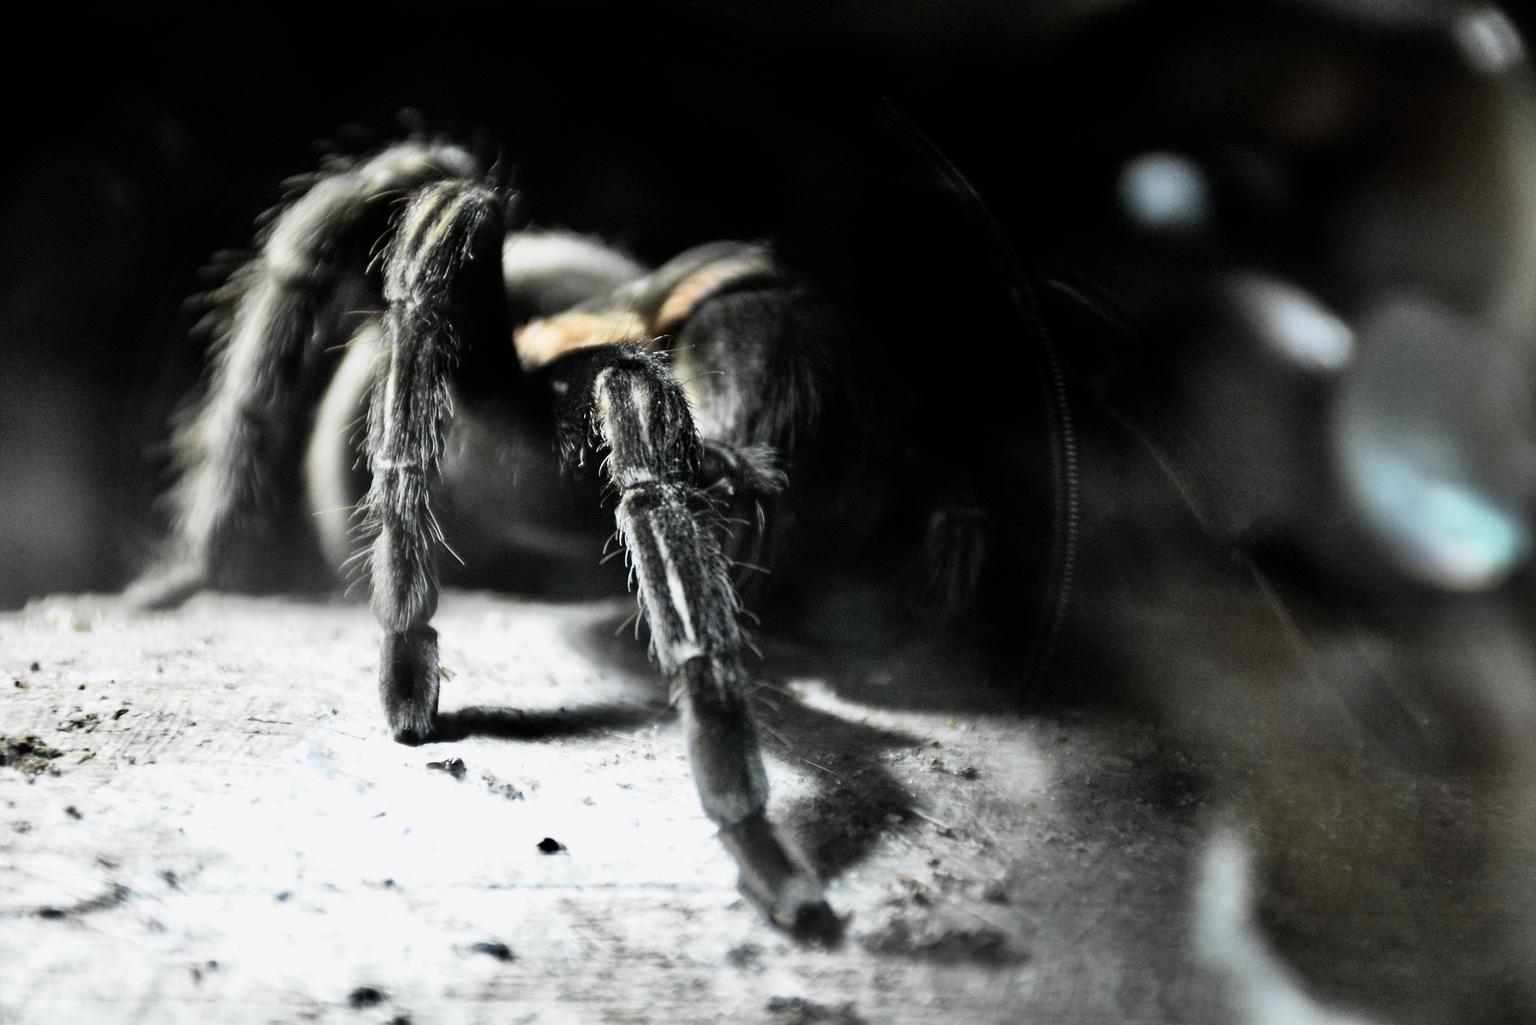 Tarantula - Pairi-Daiza in Brugelette - foto door winnybiets op 12-04-2021 - locatie: Brugelette, België - deze foto bevat: geleedpotigen, insect, flitsfotografie, spin, hout, terrestrische dieren, plaag, spinachtige, duisternis, detailopname